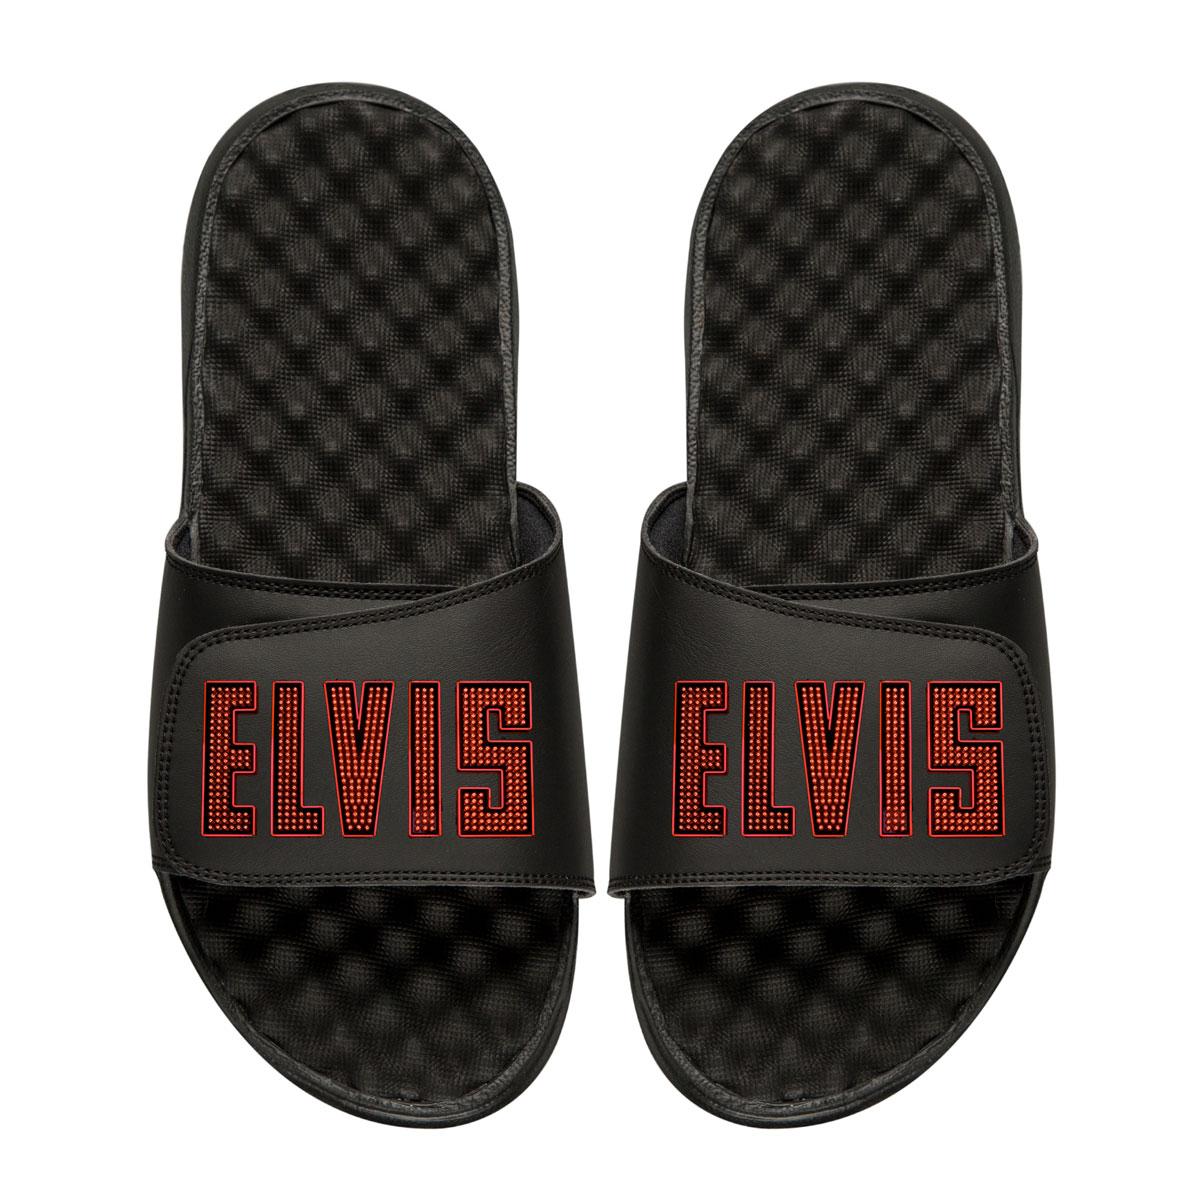 ELVIS Lights '68 Comeback Special iSlides